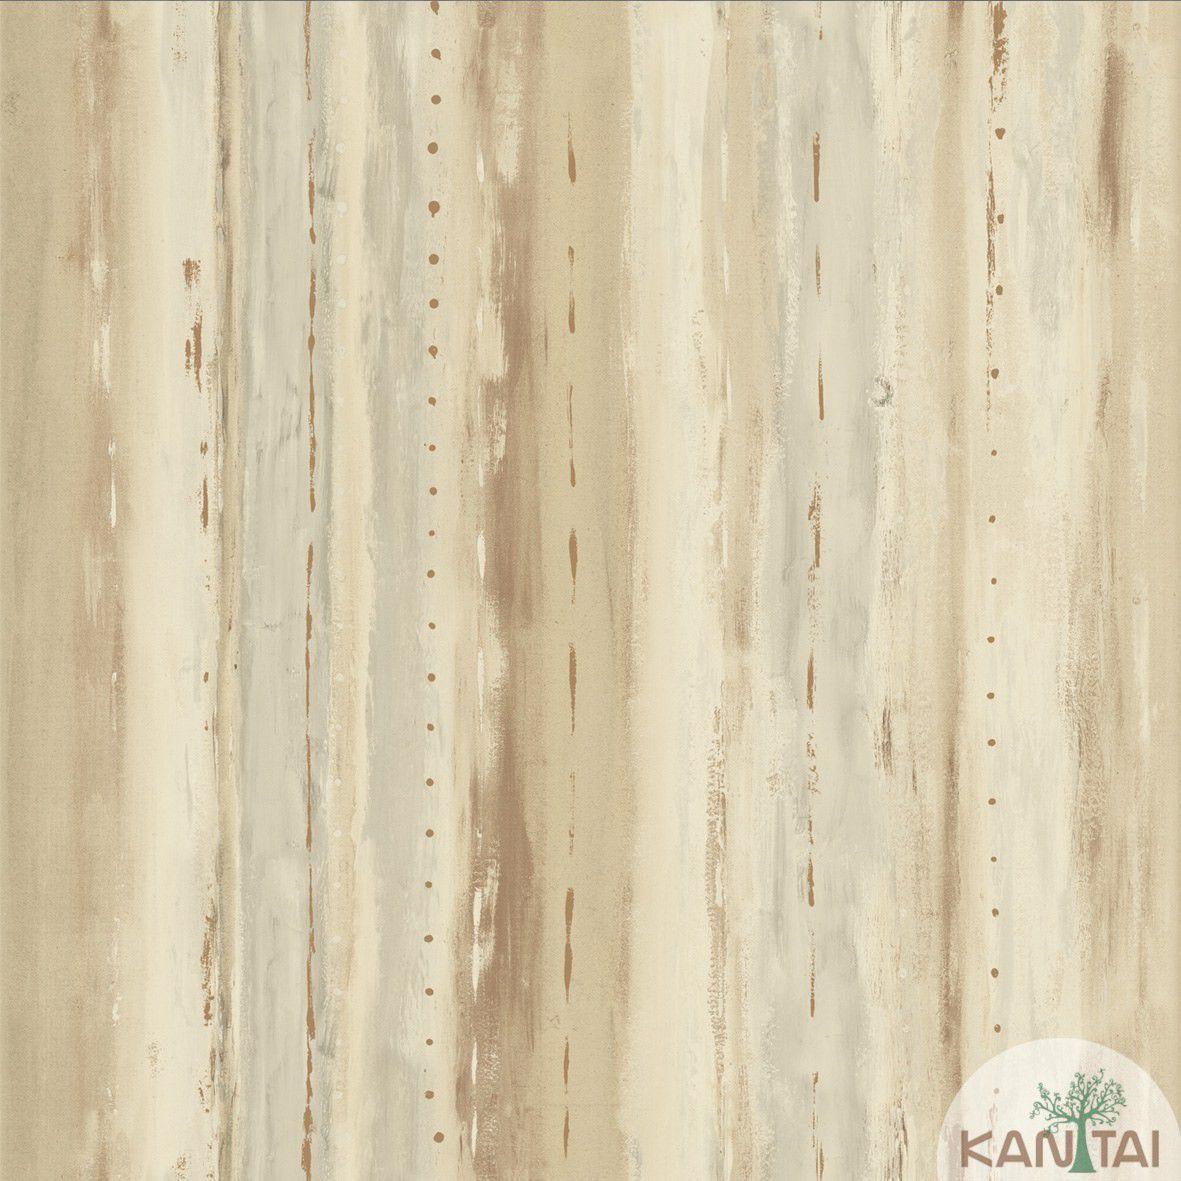 Papel de Parede Kan Tai  Vinilico Coleção Style Aquarelado Bege, Marrom, Cinza, Amarelo